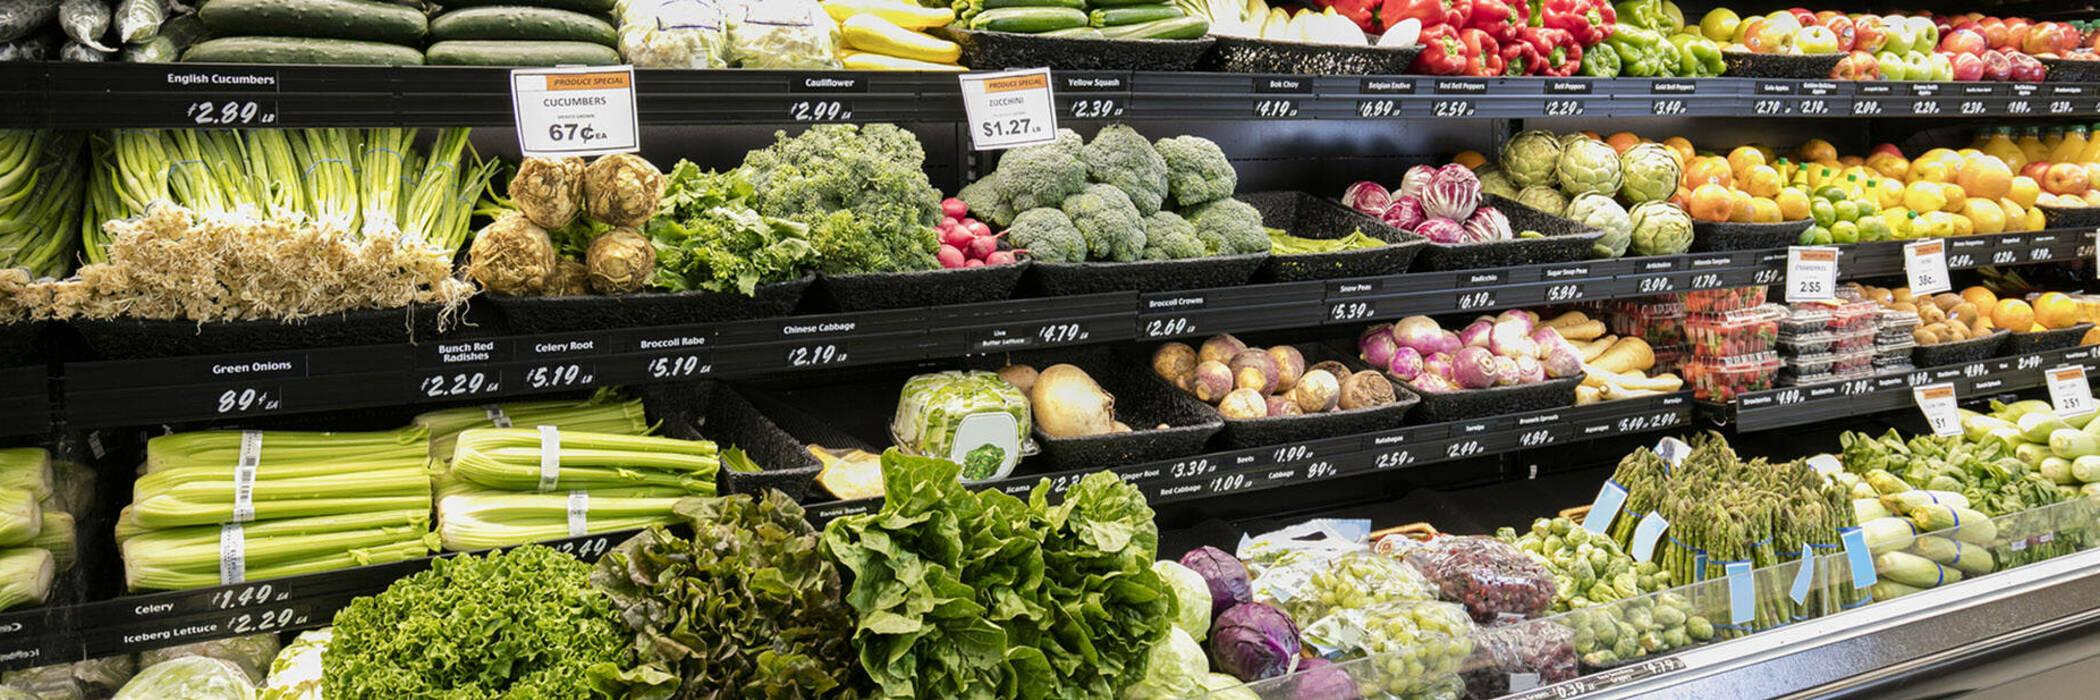 Supermarket shelves full of fruit and vegetables.